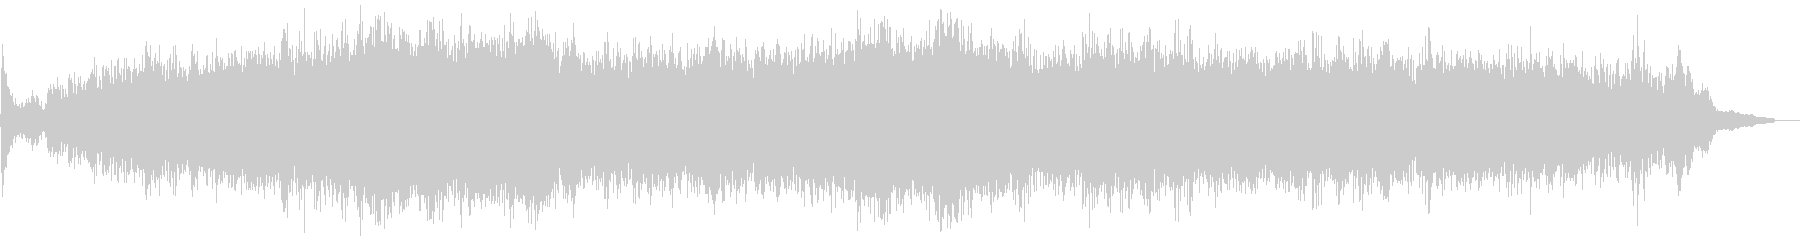 ピアノの入った不思議なアンビエントの未再生の波形